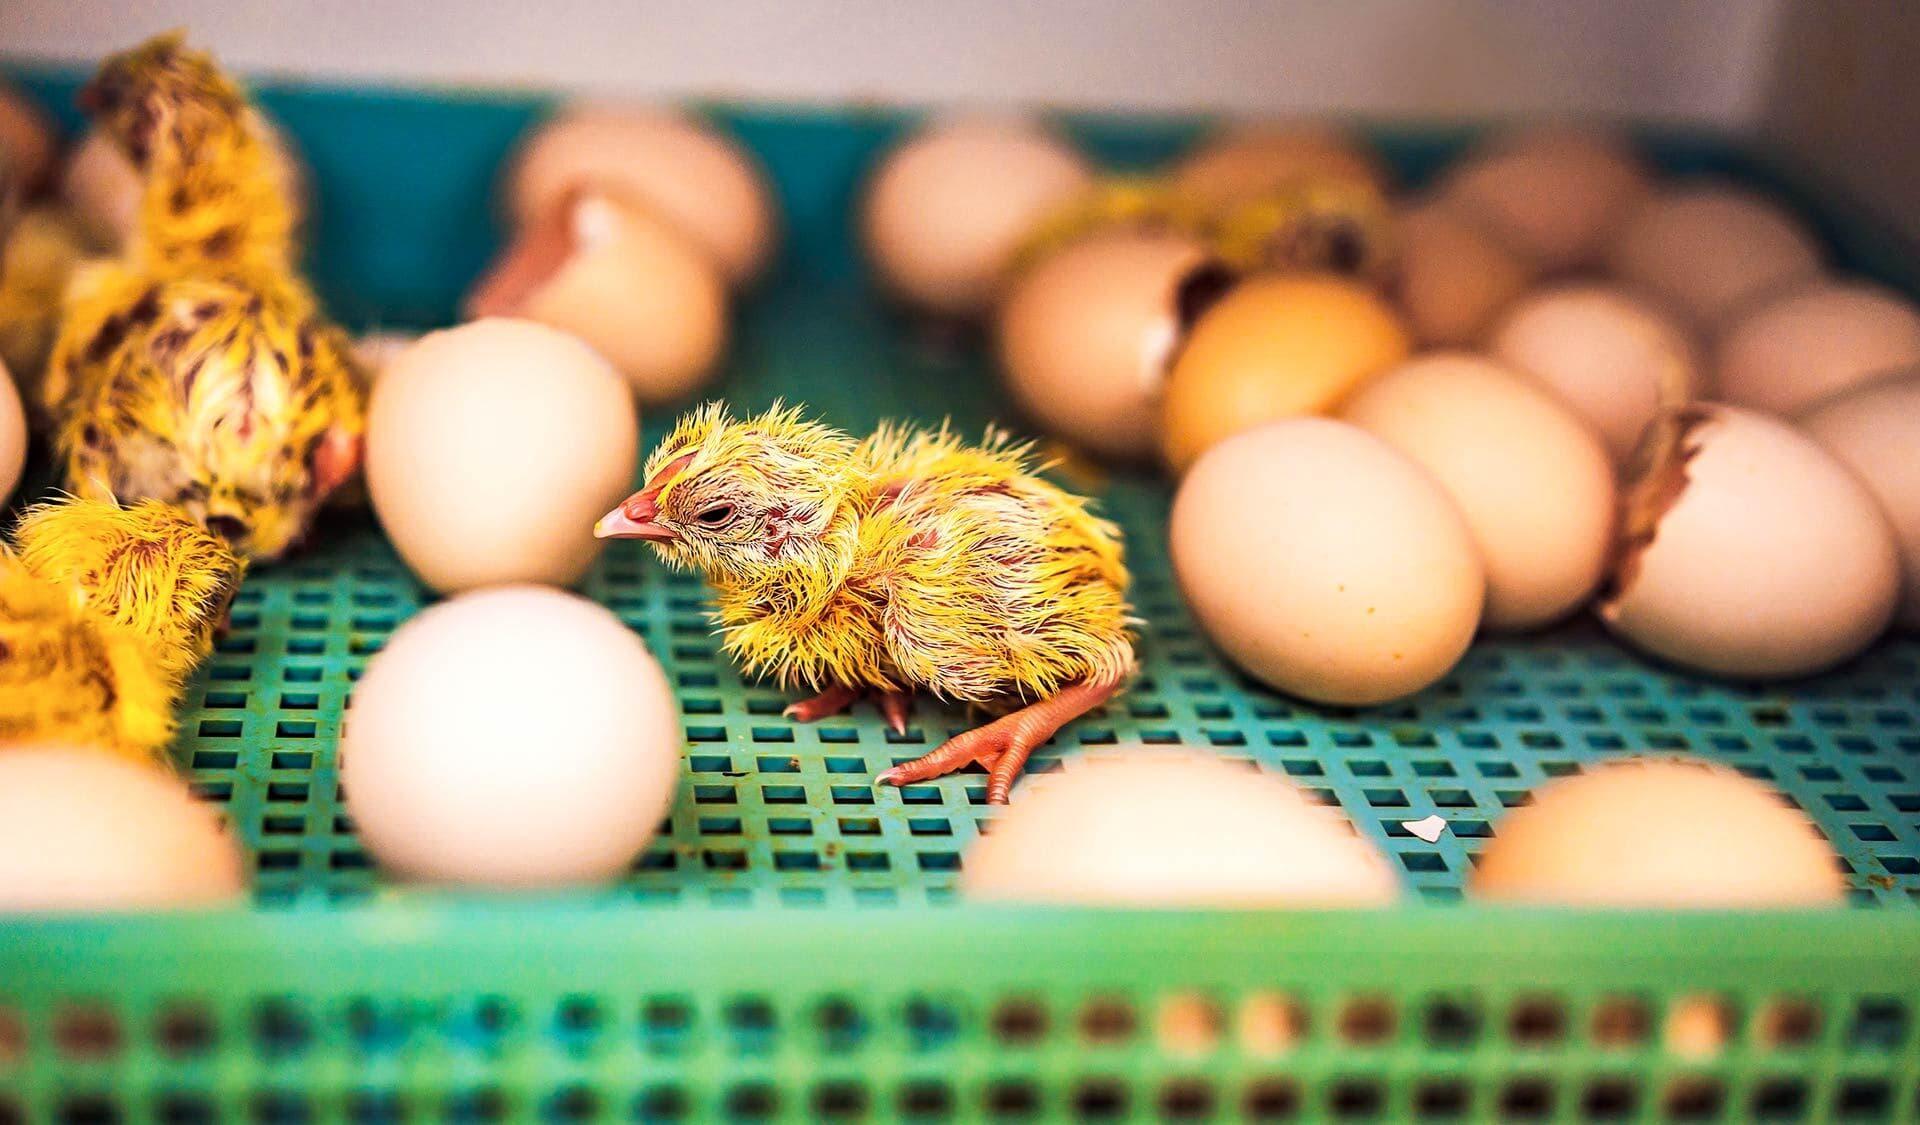 Frisch geschlüpftes Kueken, umgeben von Eiern